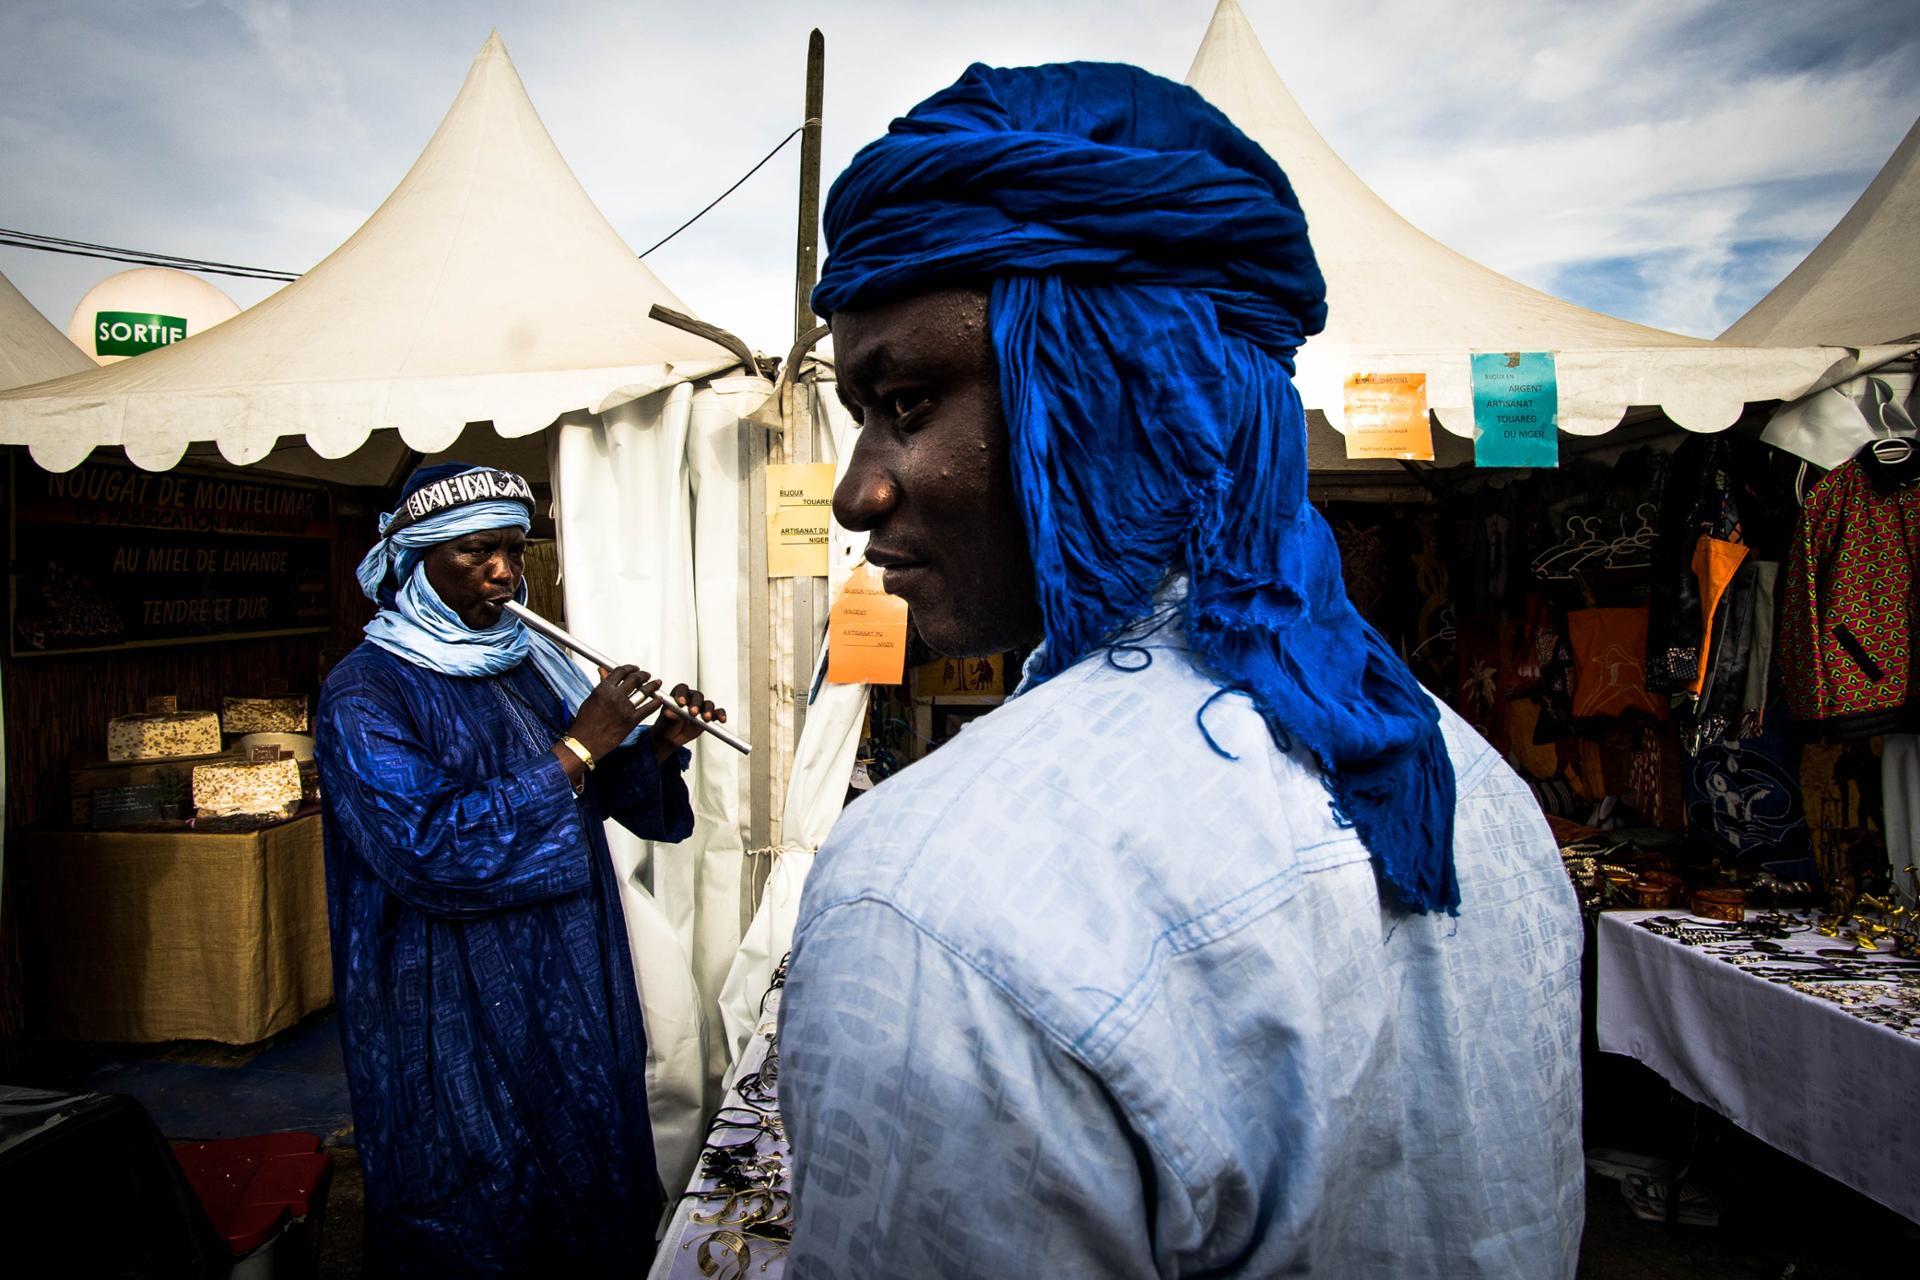 sub-saharien  de musique traditionnels maliens et touaregs dans la partie découverte du monde lors du Festival de l'humanité 2018.